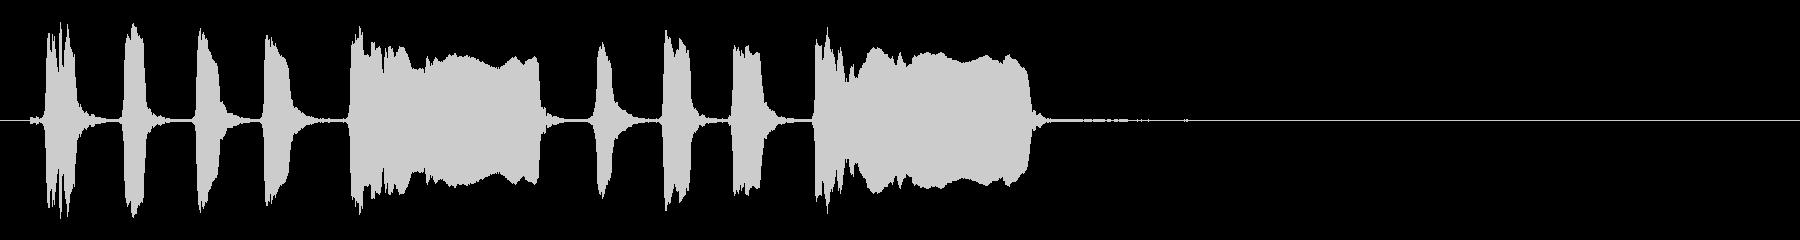 バリトンサックス:スキーキーアクセ...の未再生の波形